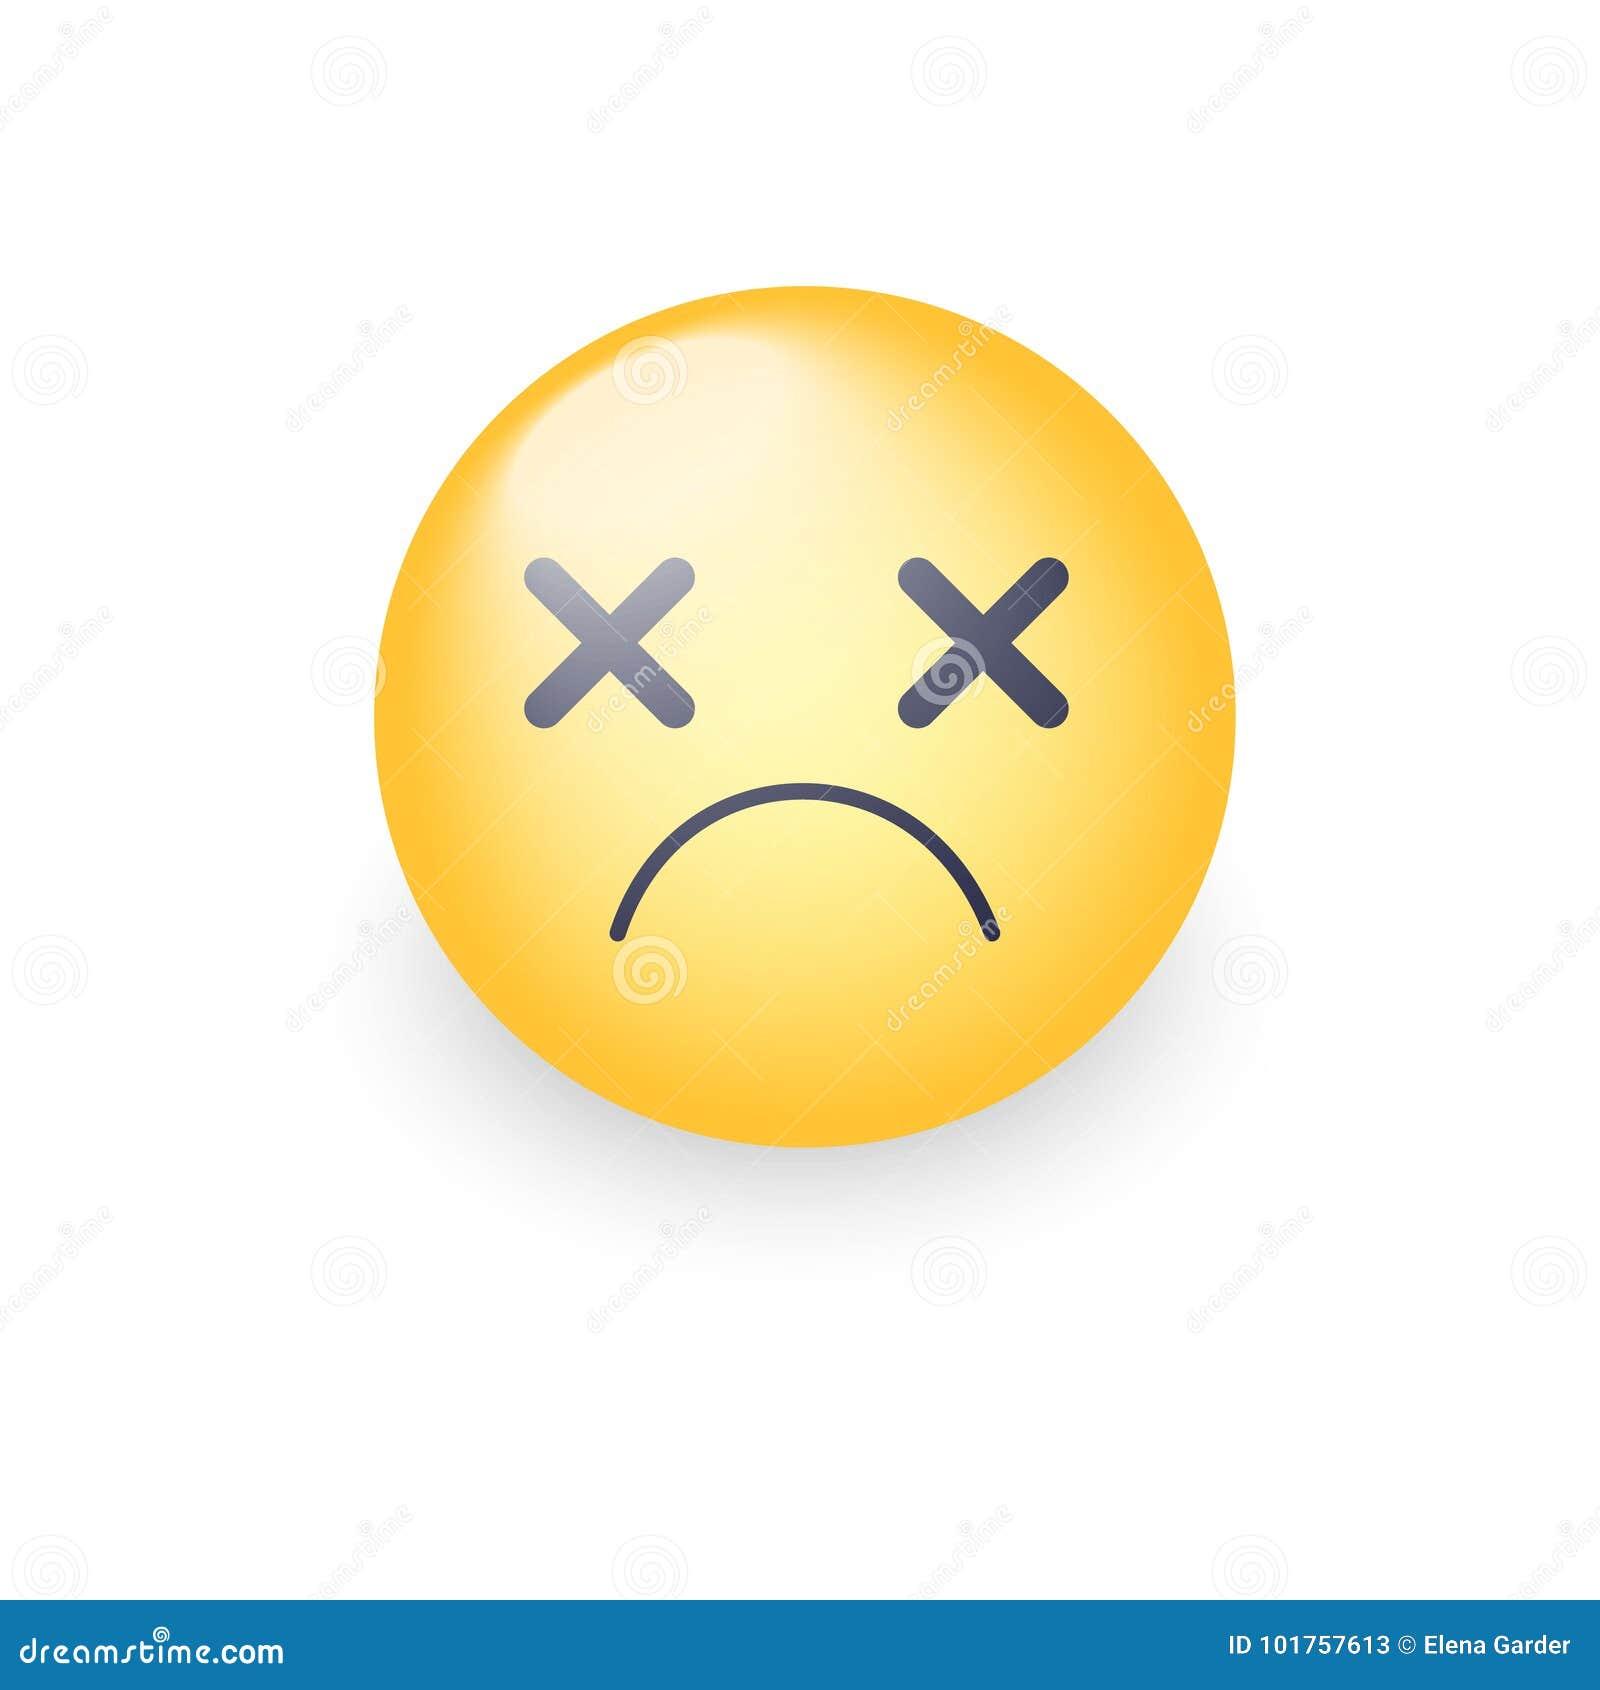 dizzy emoji face cross eyes emoticon vector icon sad smiley stock